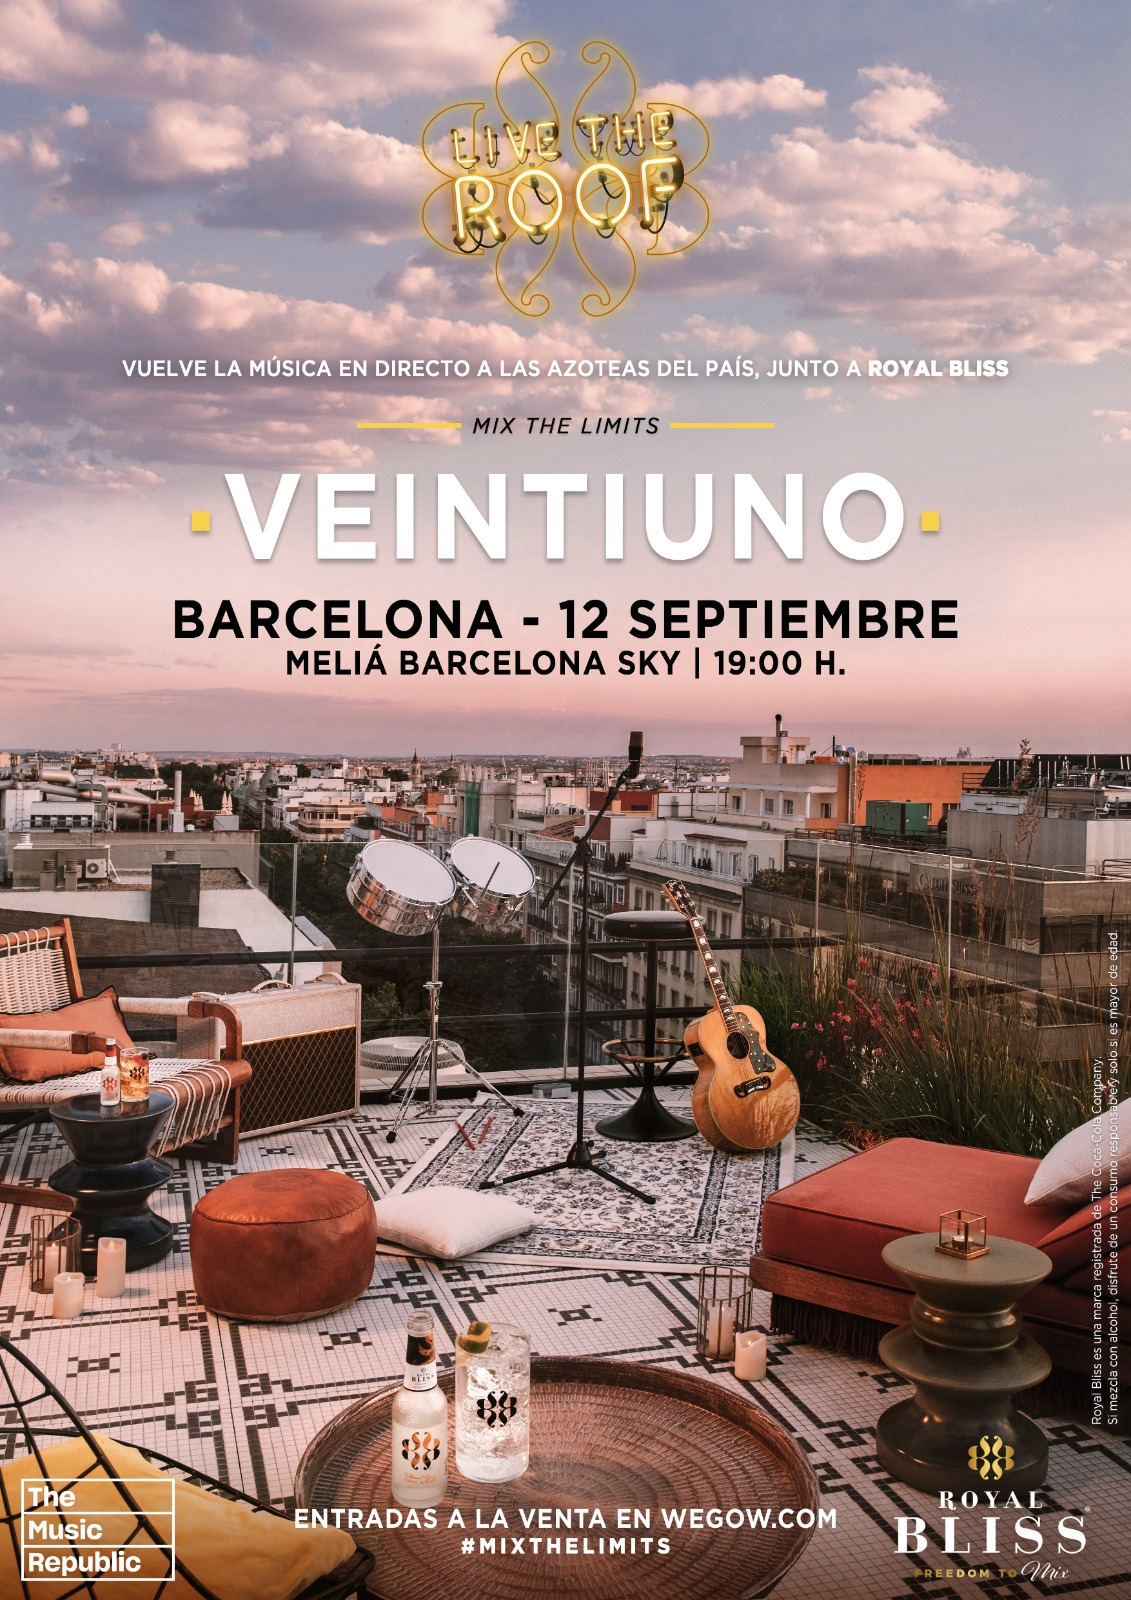 veintiuno en live the roof barcelona 16238364809423578